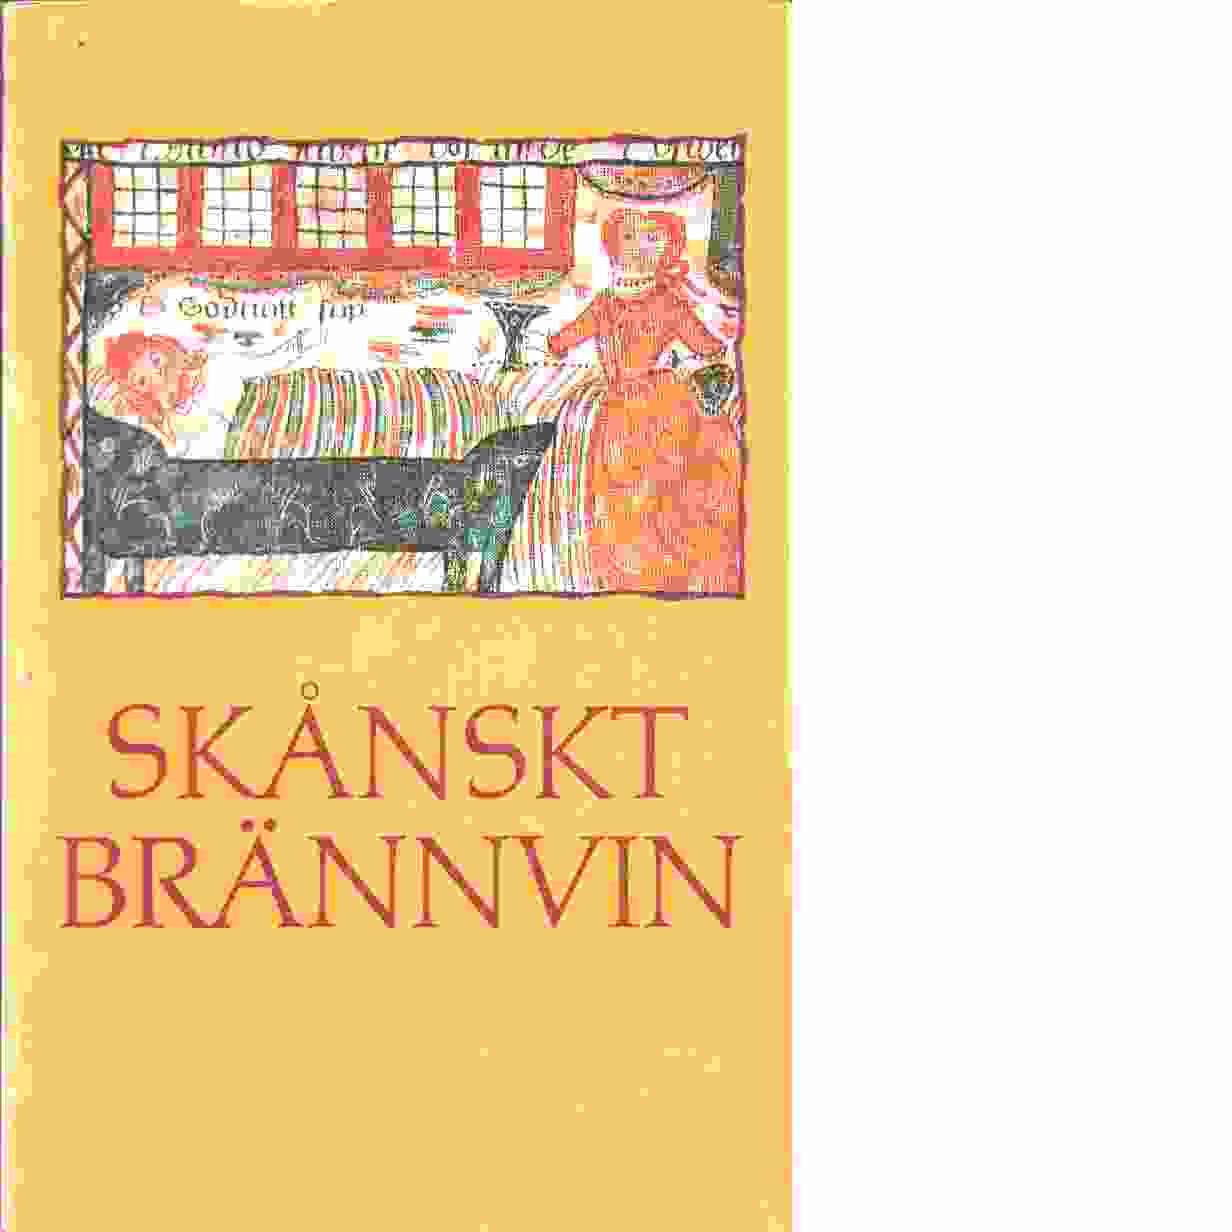 Skånskt brännvin - Red. Skånes hembygdsförbund